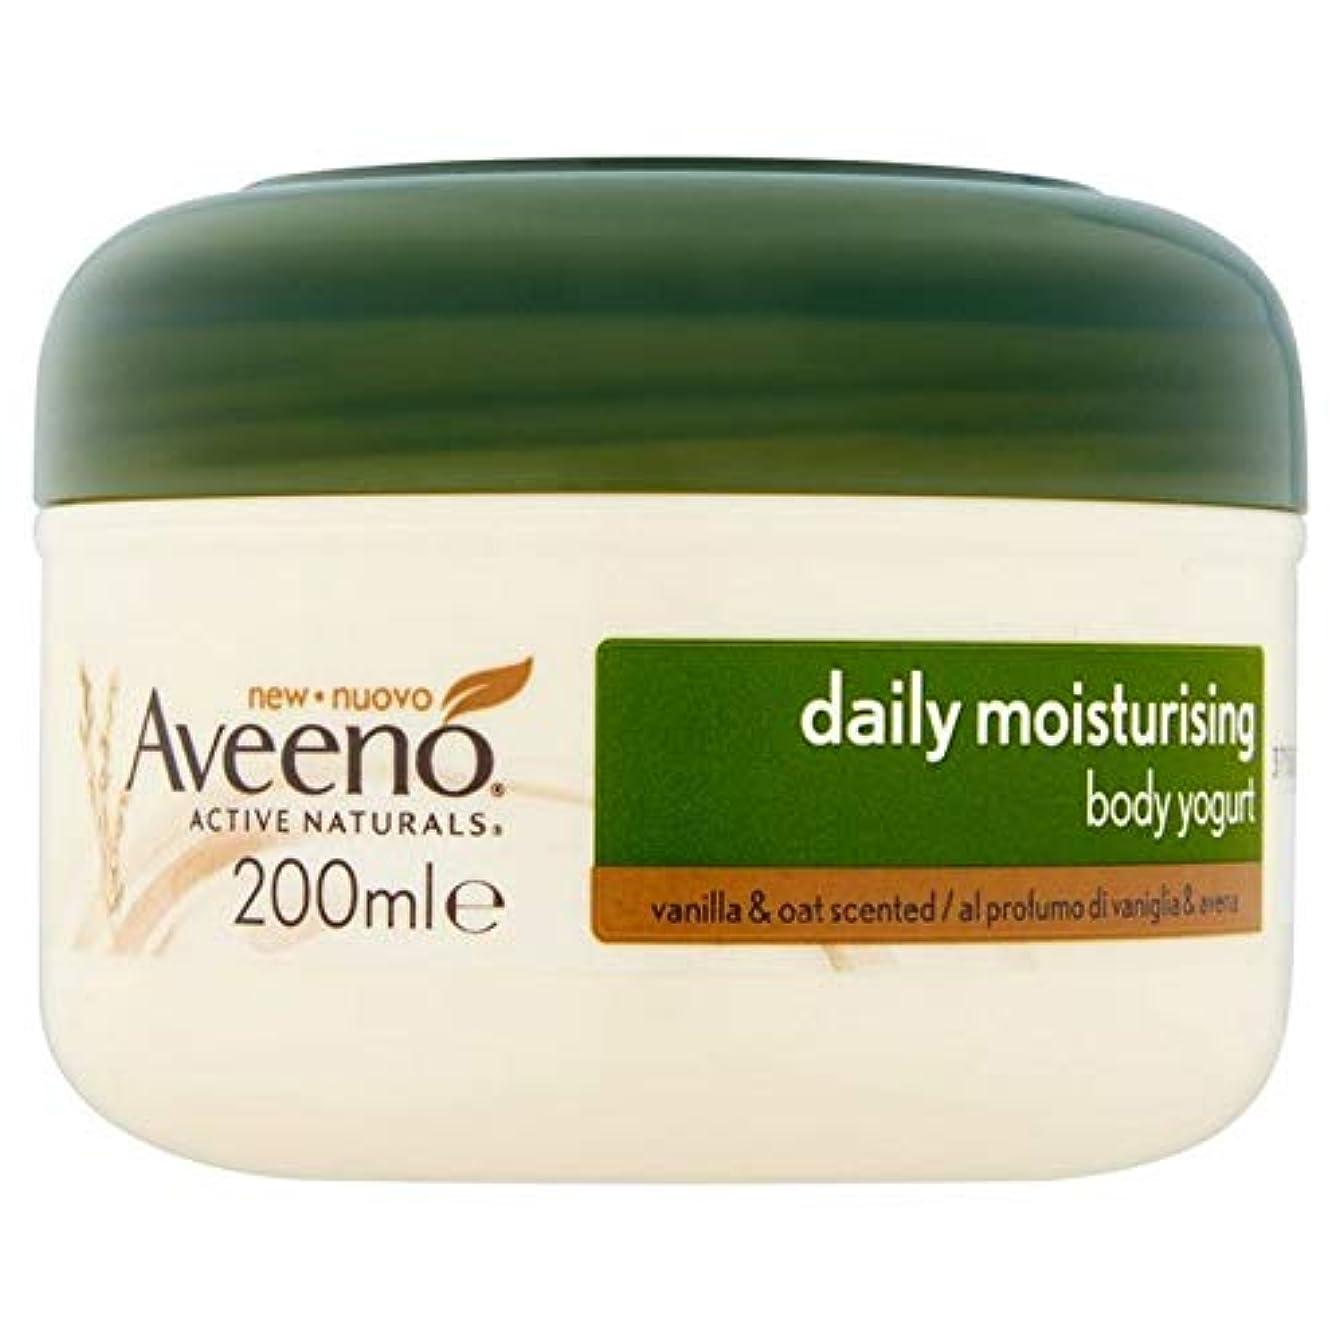 厚いフェッチヒューム[Aveeno] Aveeno毎日保湿ボディヨーグルトバニラ&オーツの200ミリリットル - Aveeno Daily Moisturising Body Yogurts Vanilla & Oats 200ml [並行輸入品]